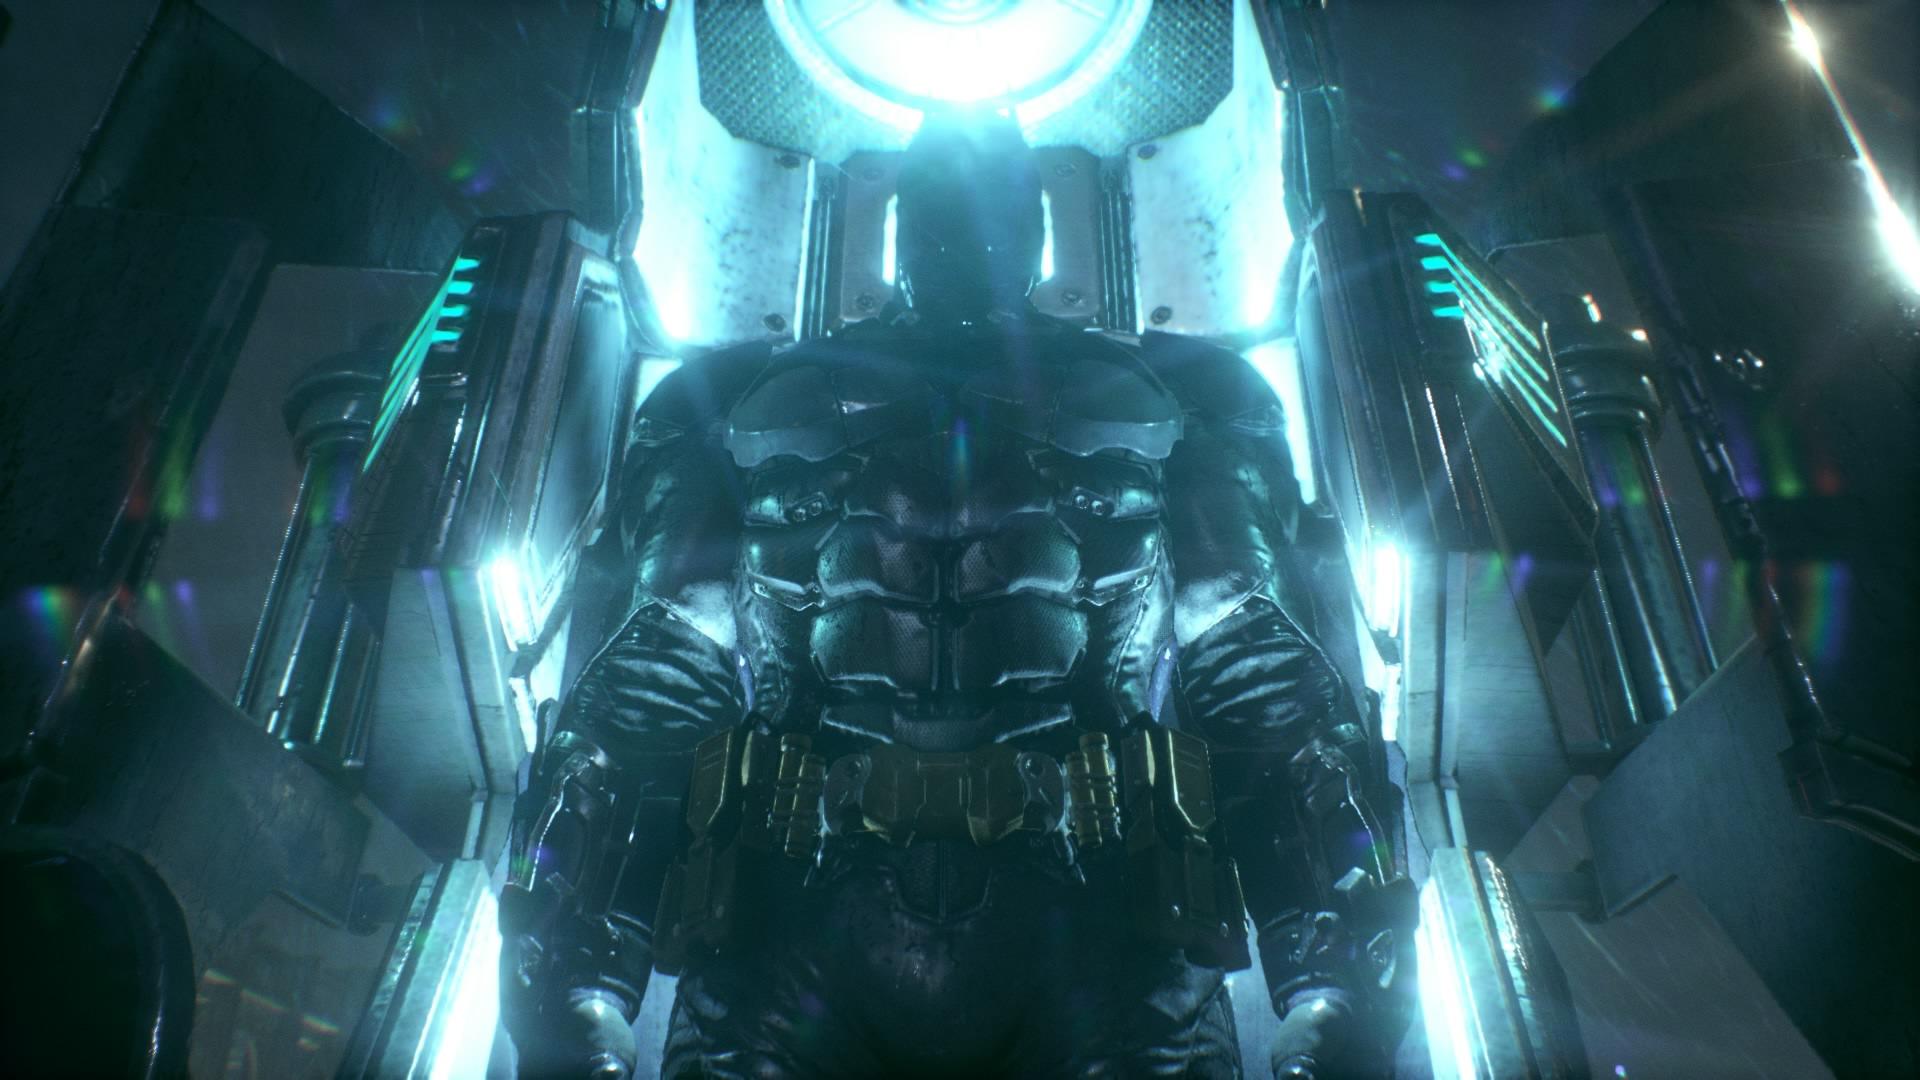 [아캄나이트] 배트맨 토탈진행도 52퍼 중간점검.